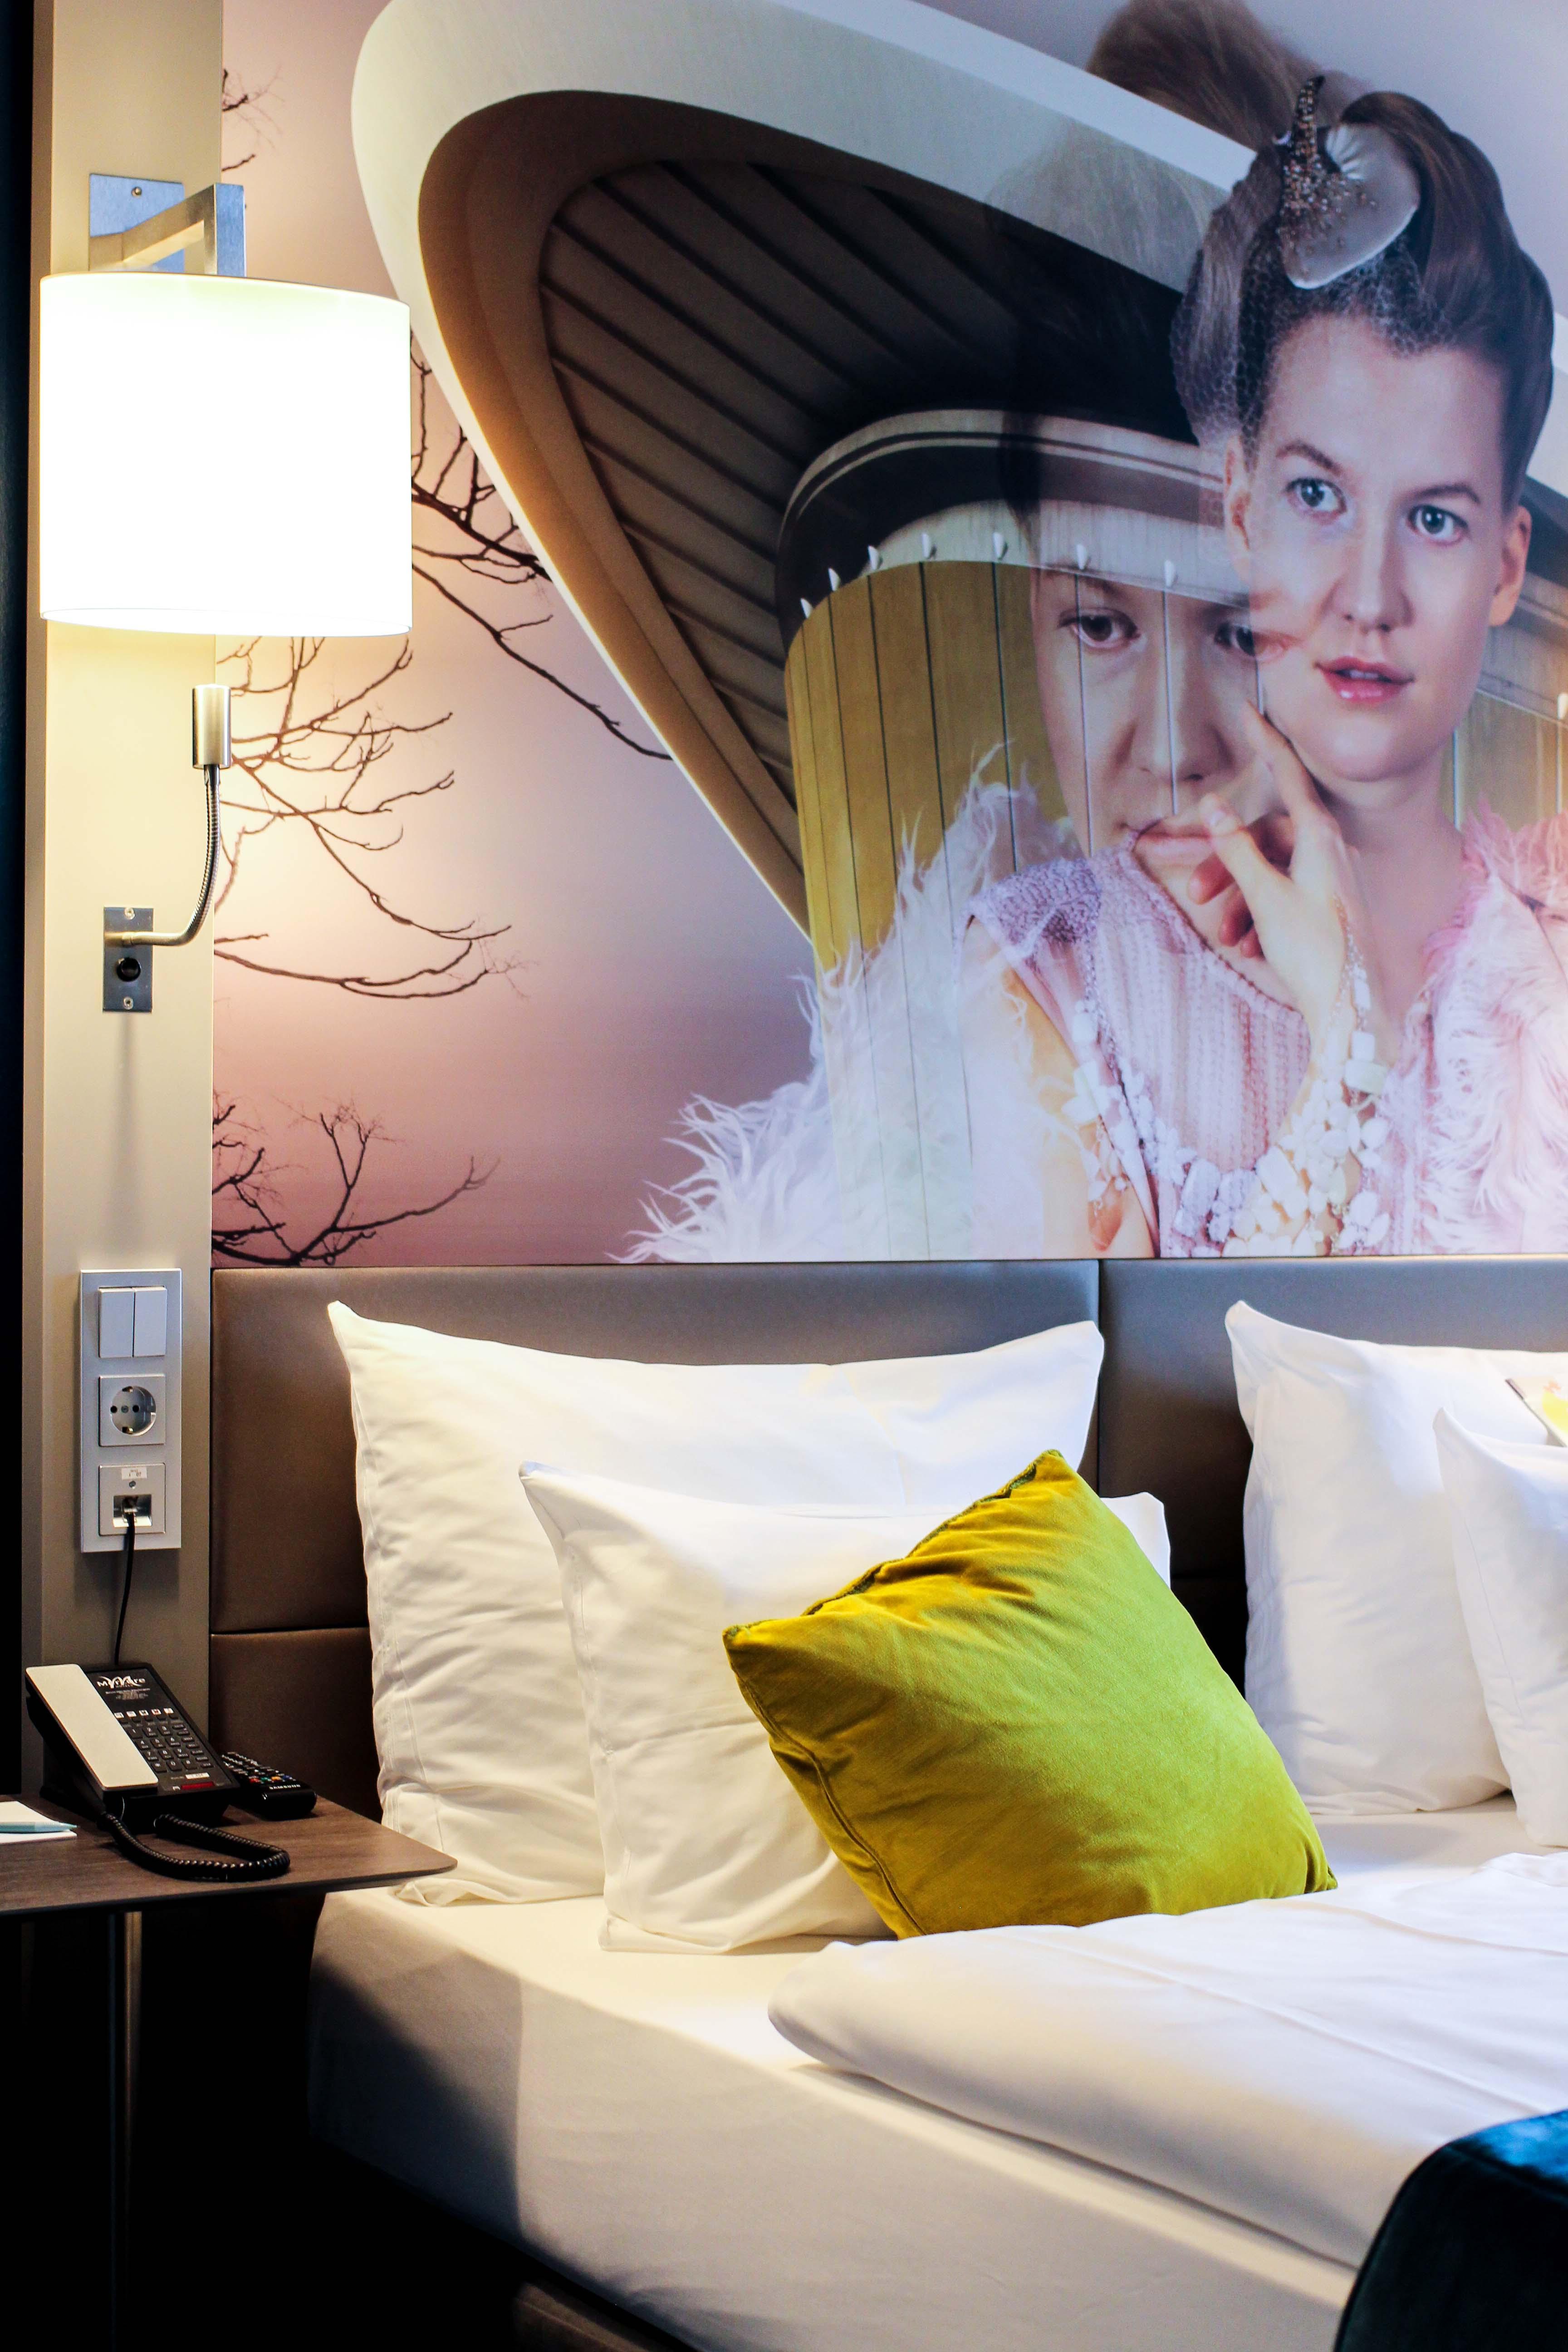 Mein Hotel zur Fashion Week Mercure Hotel Berlin Wittenbergplatz Berlins Trend-Hotel Modeblogger Zimmer Bett Fashion Bild